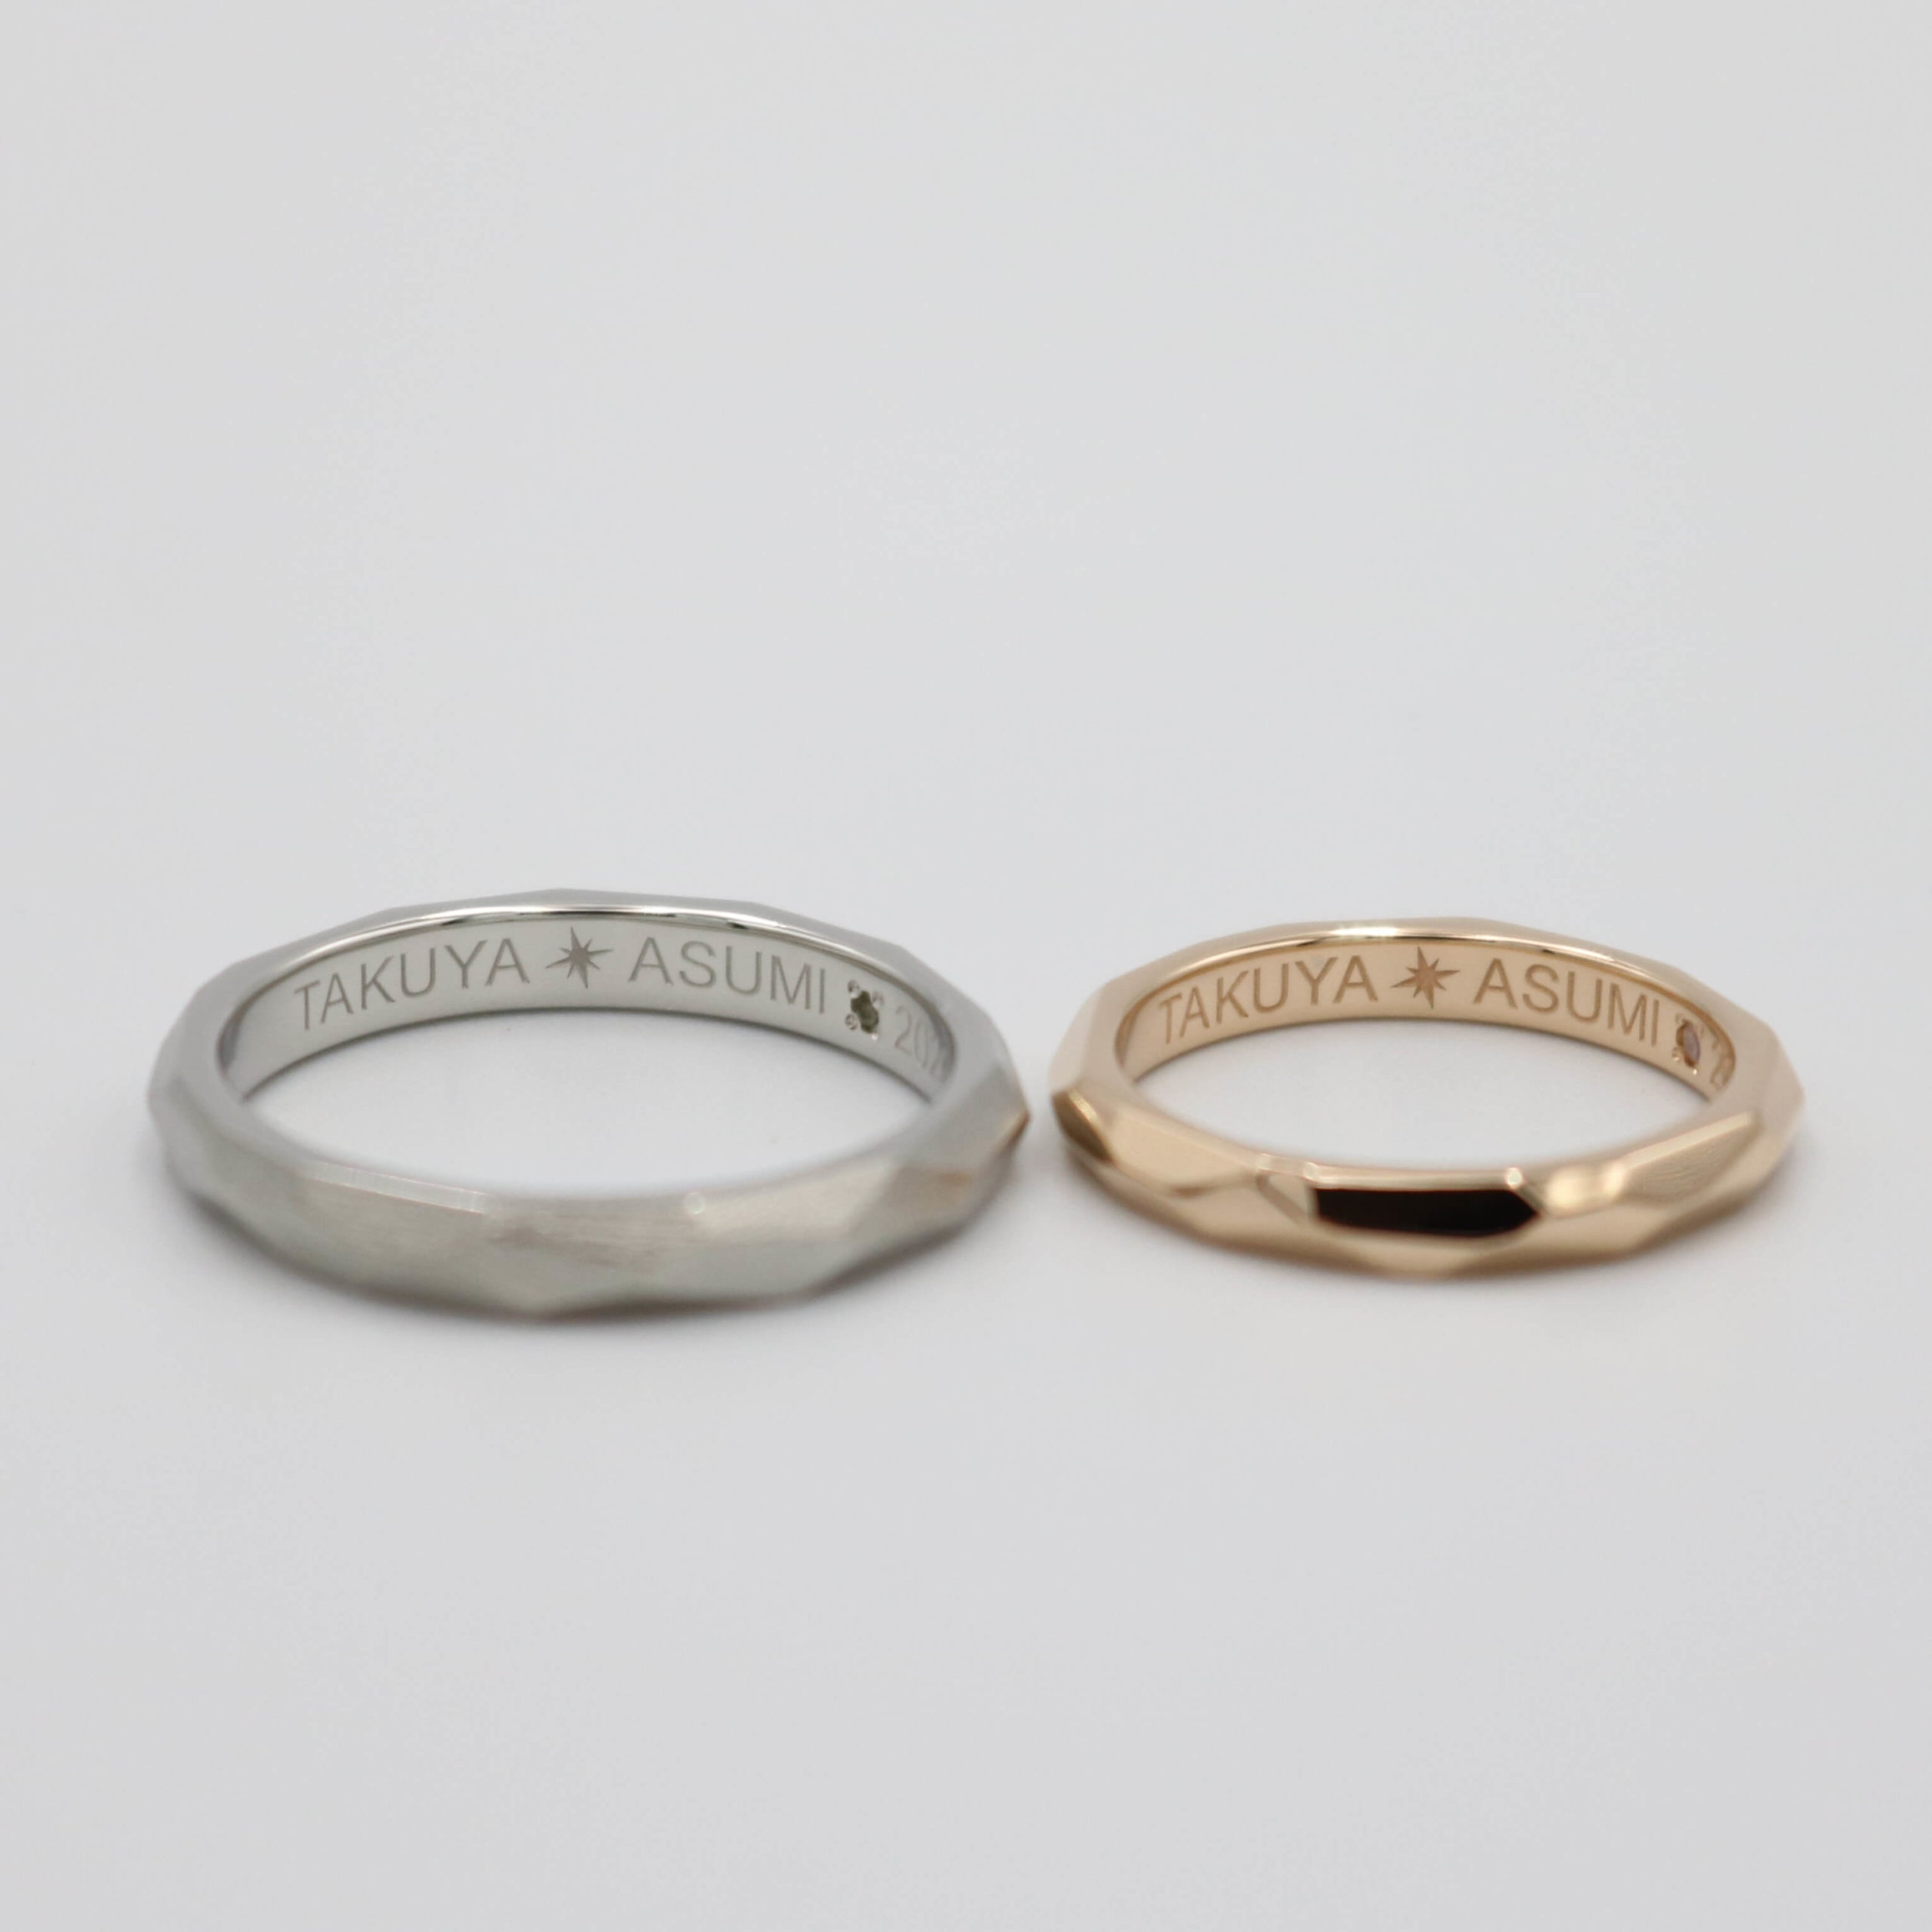 結婚指輪の内側(裏側)について|様々な刻印アレンジの紹介